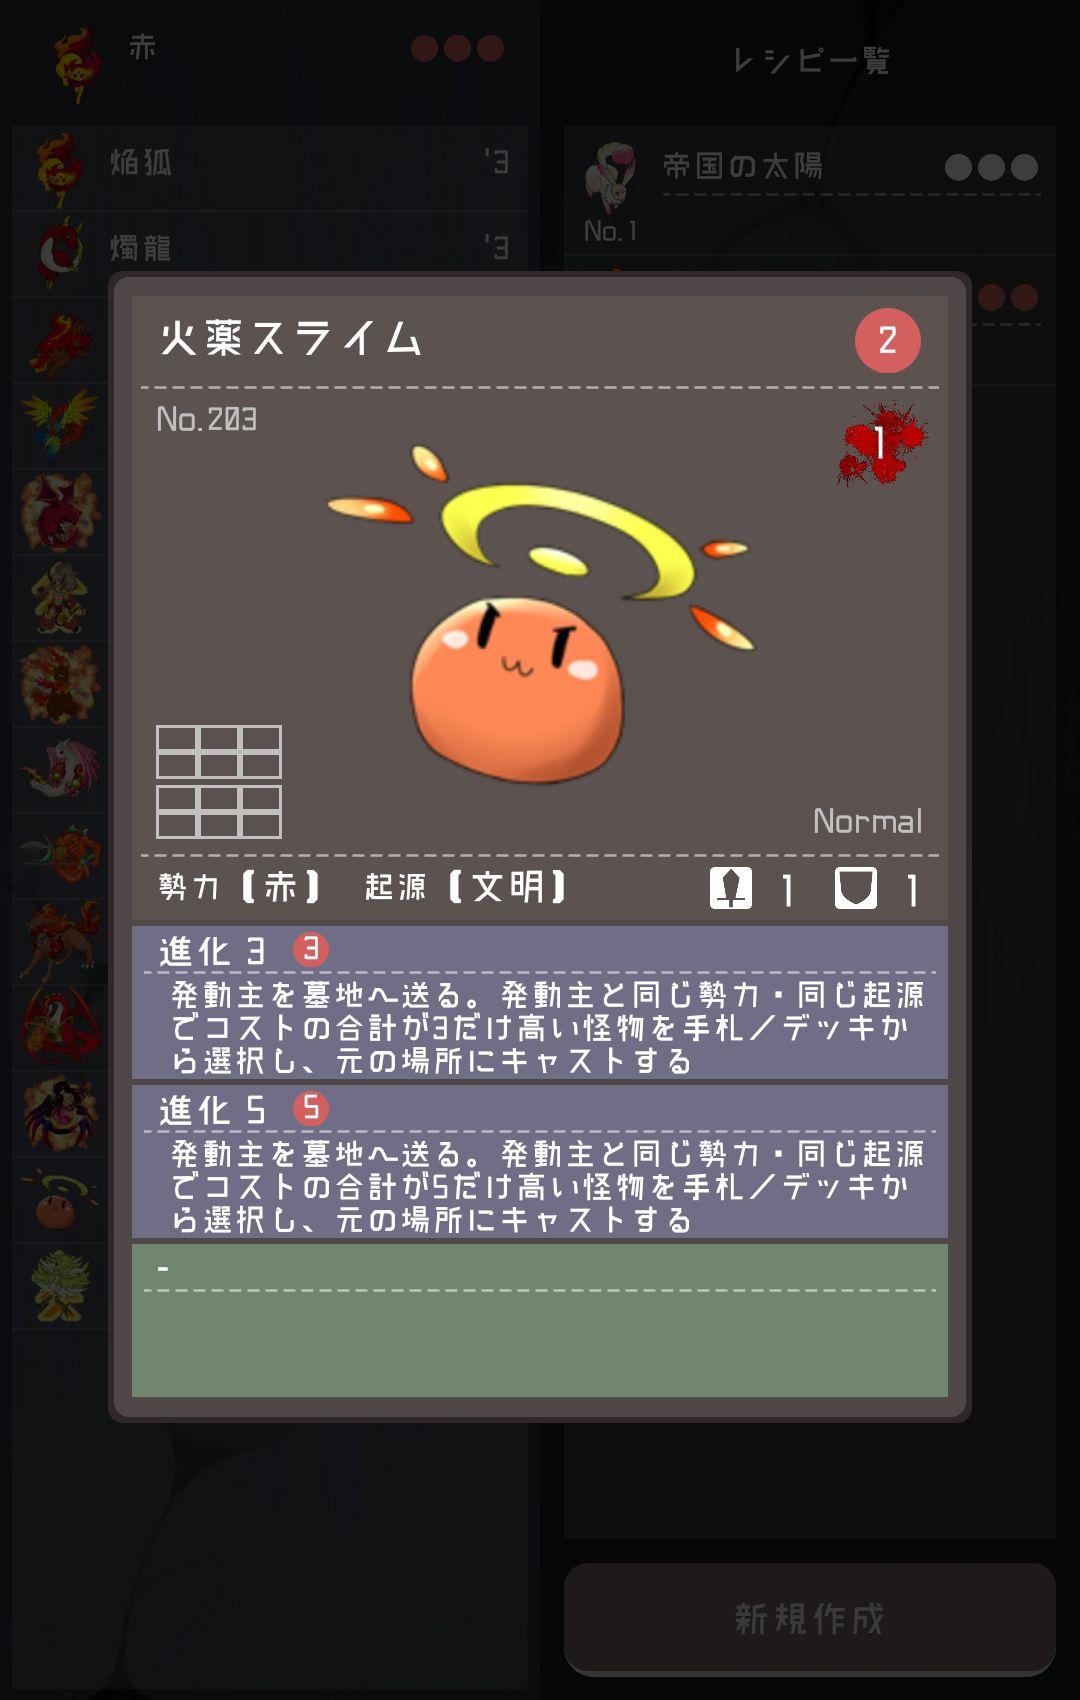 箱庭のスカースカ androidアプリスクリーンショット3